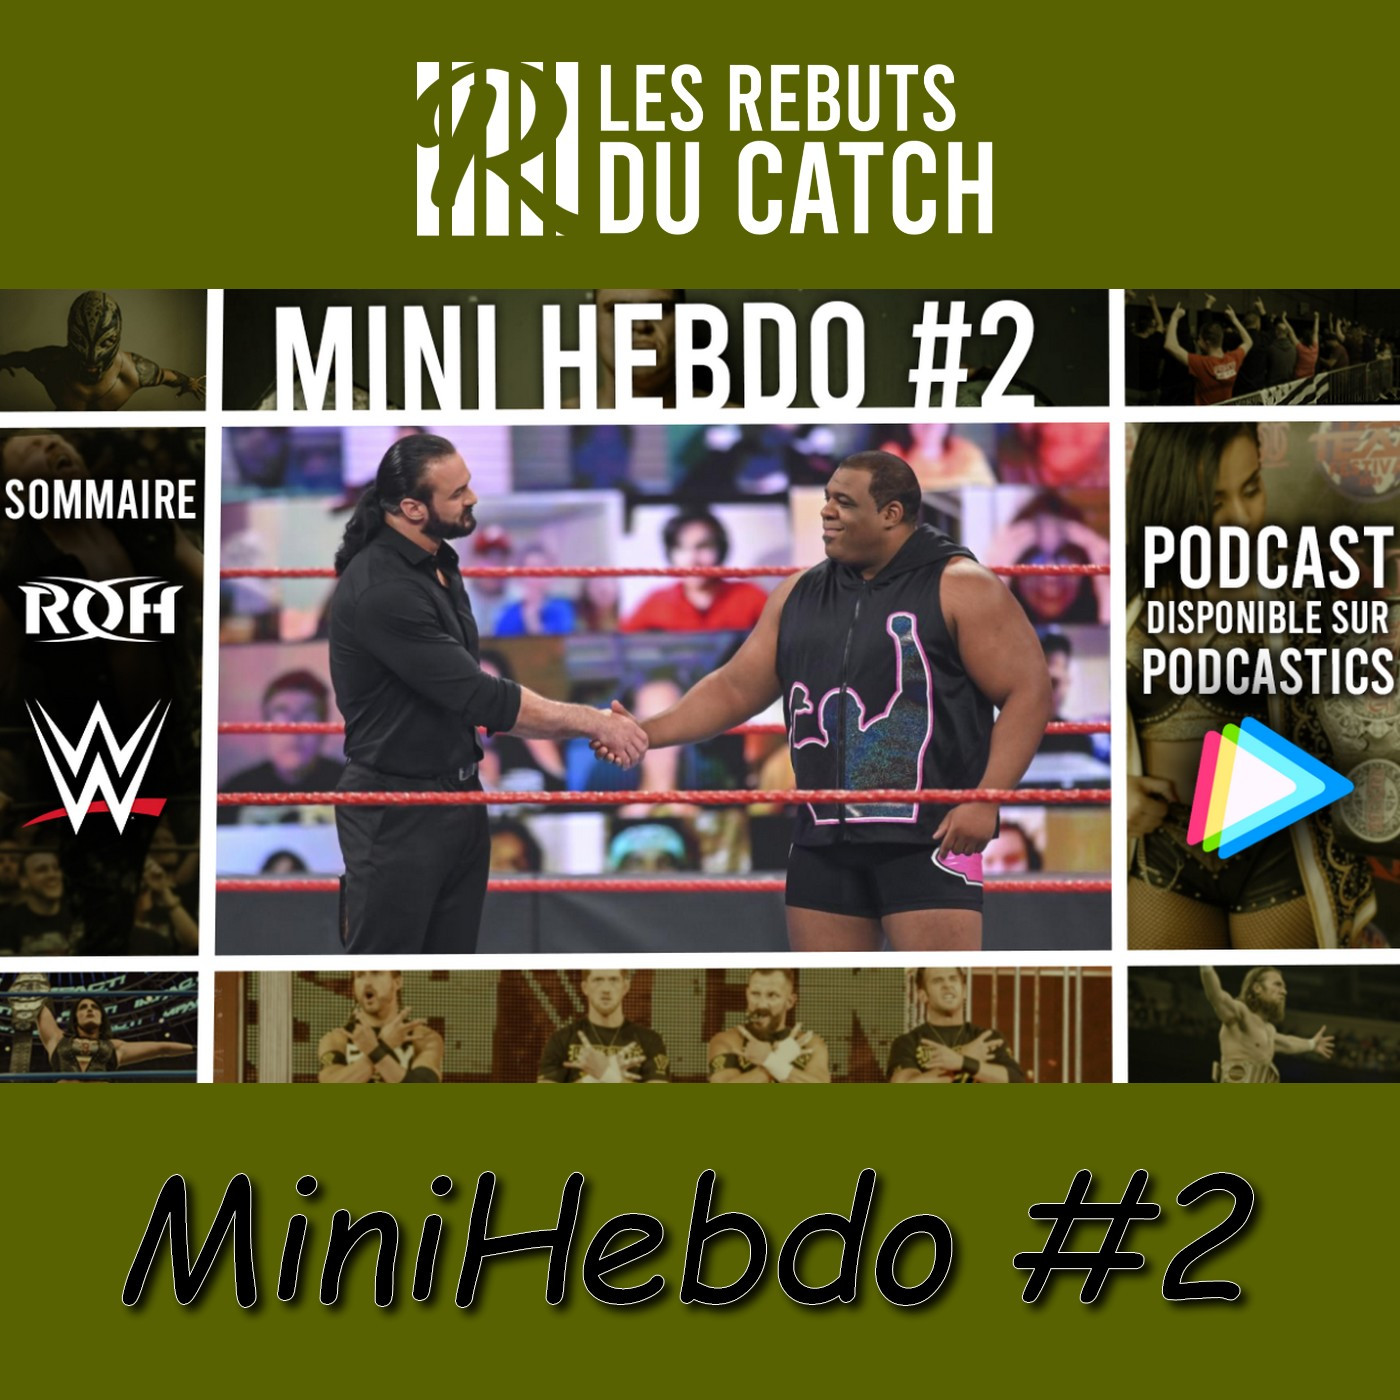 Les Rebuts du Catch : MiniHebdo #2 : Tout savoir sur le ROH PURE TOURNAMENT + Gros débat sur WWE !